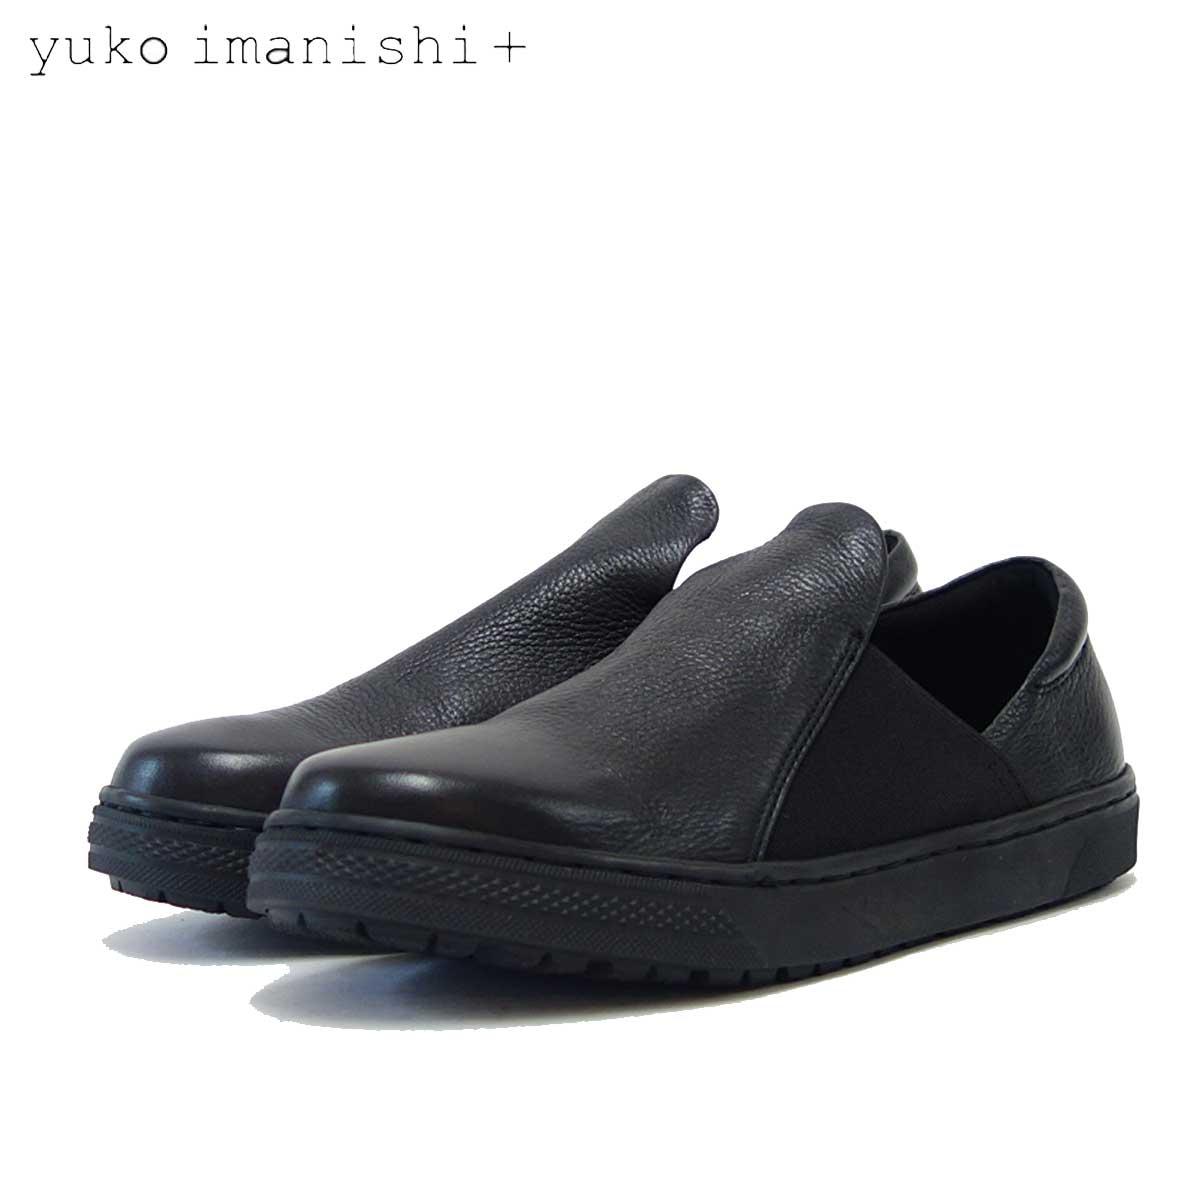 【スーパーDEAL20%ポイントバック】ユーコ イマニシ yuko imanishi +  796017 ブラック 甲深 フラット スリッポンシューズ 「靴」